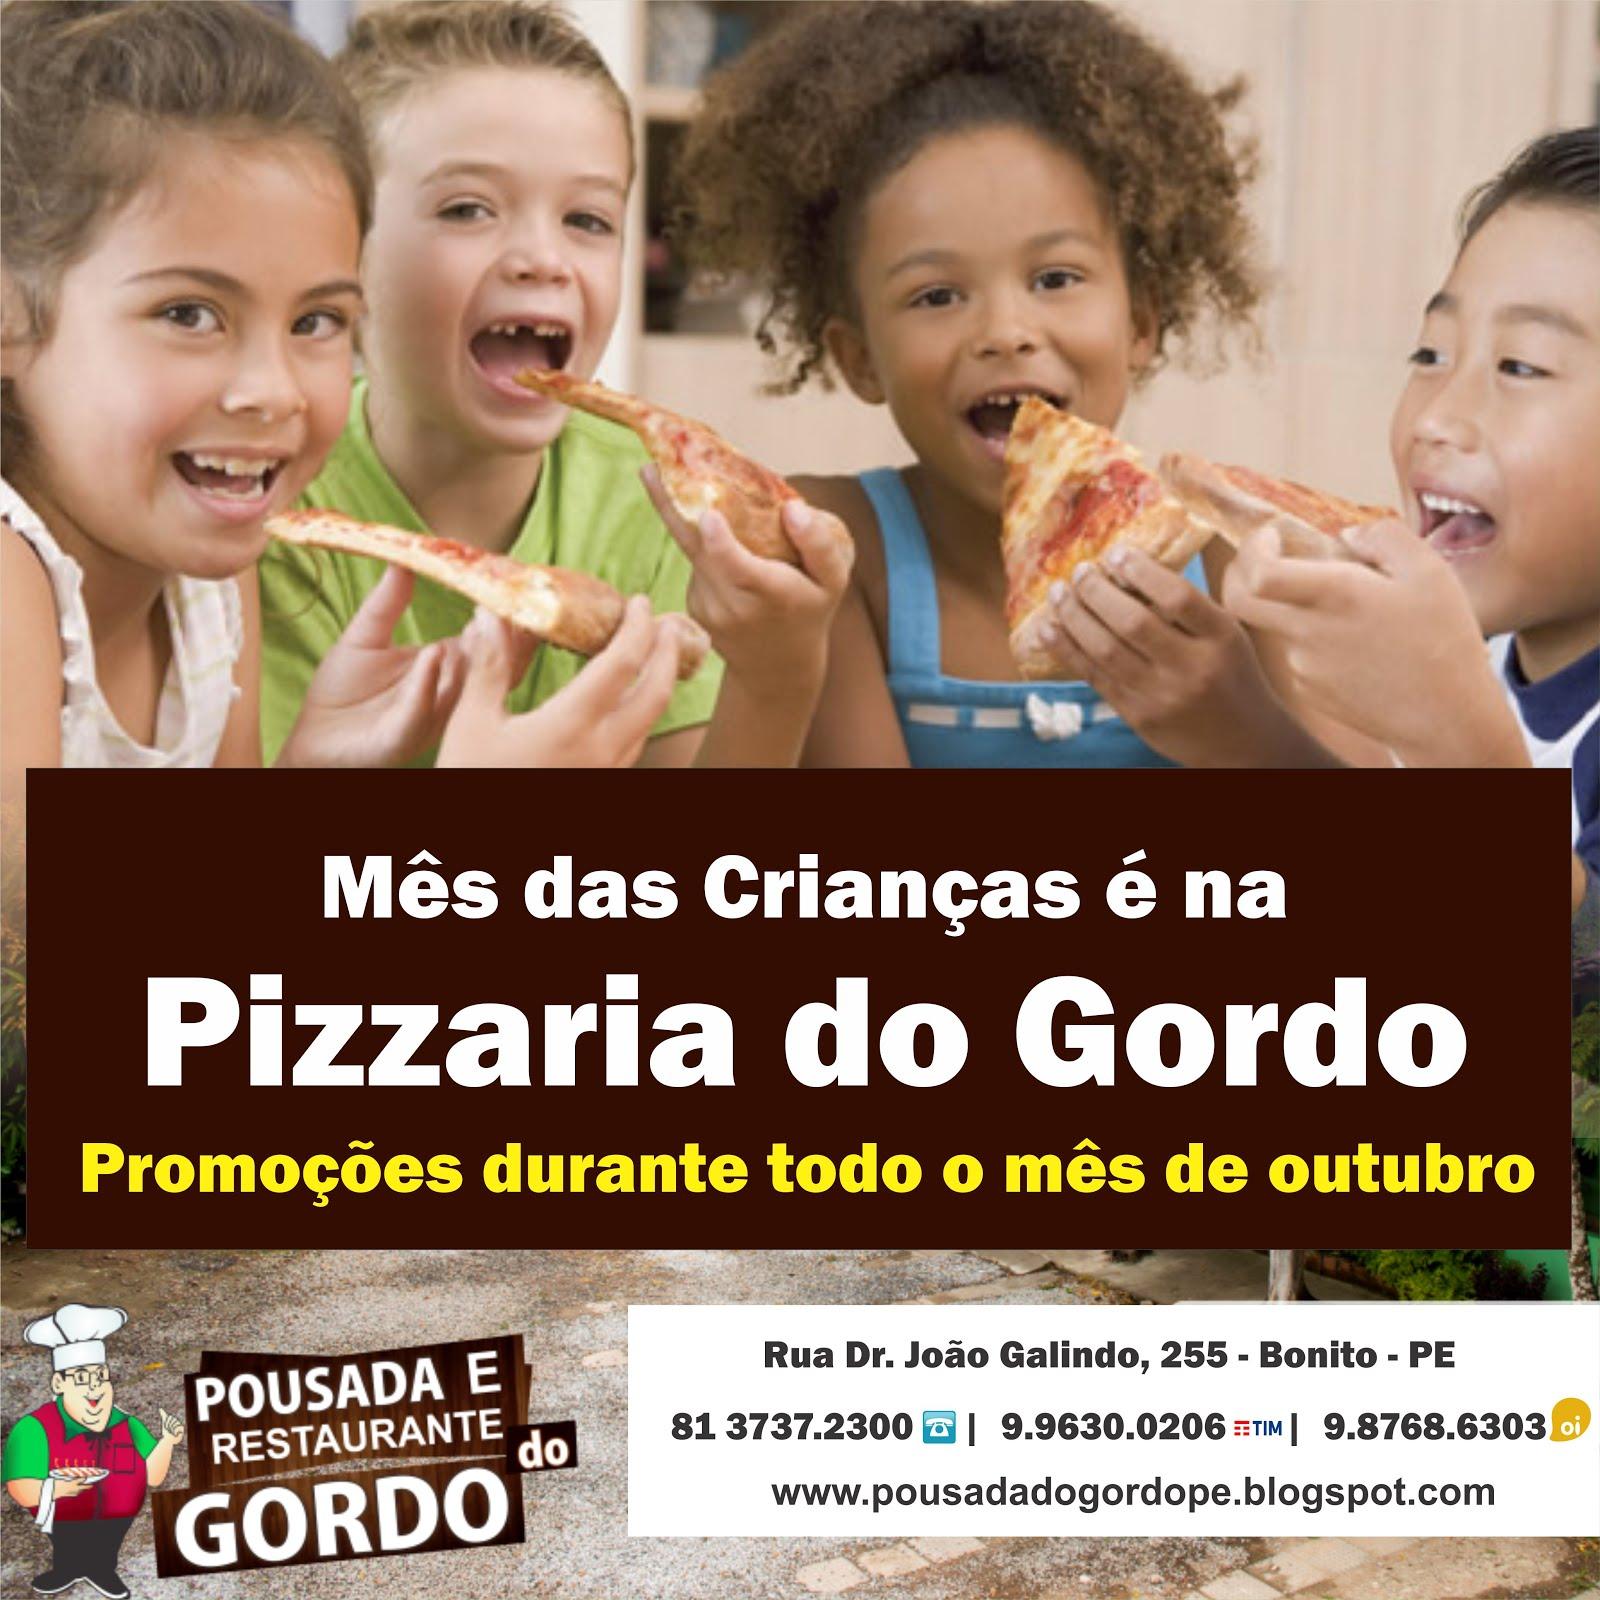 Mês das Crianças na Pizzaria do Gordo